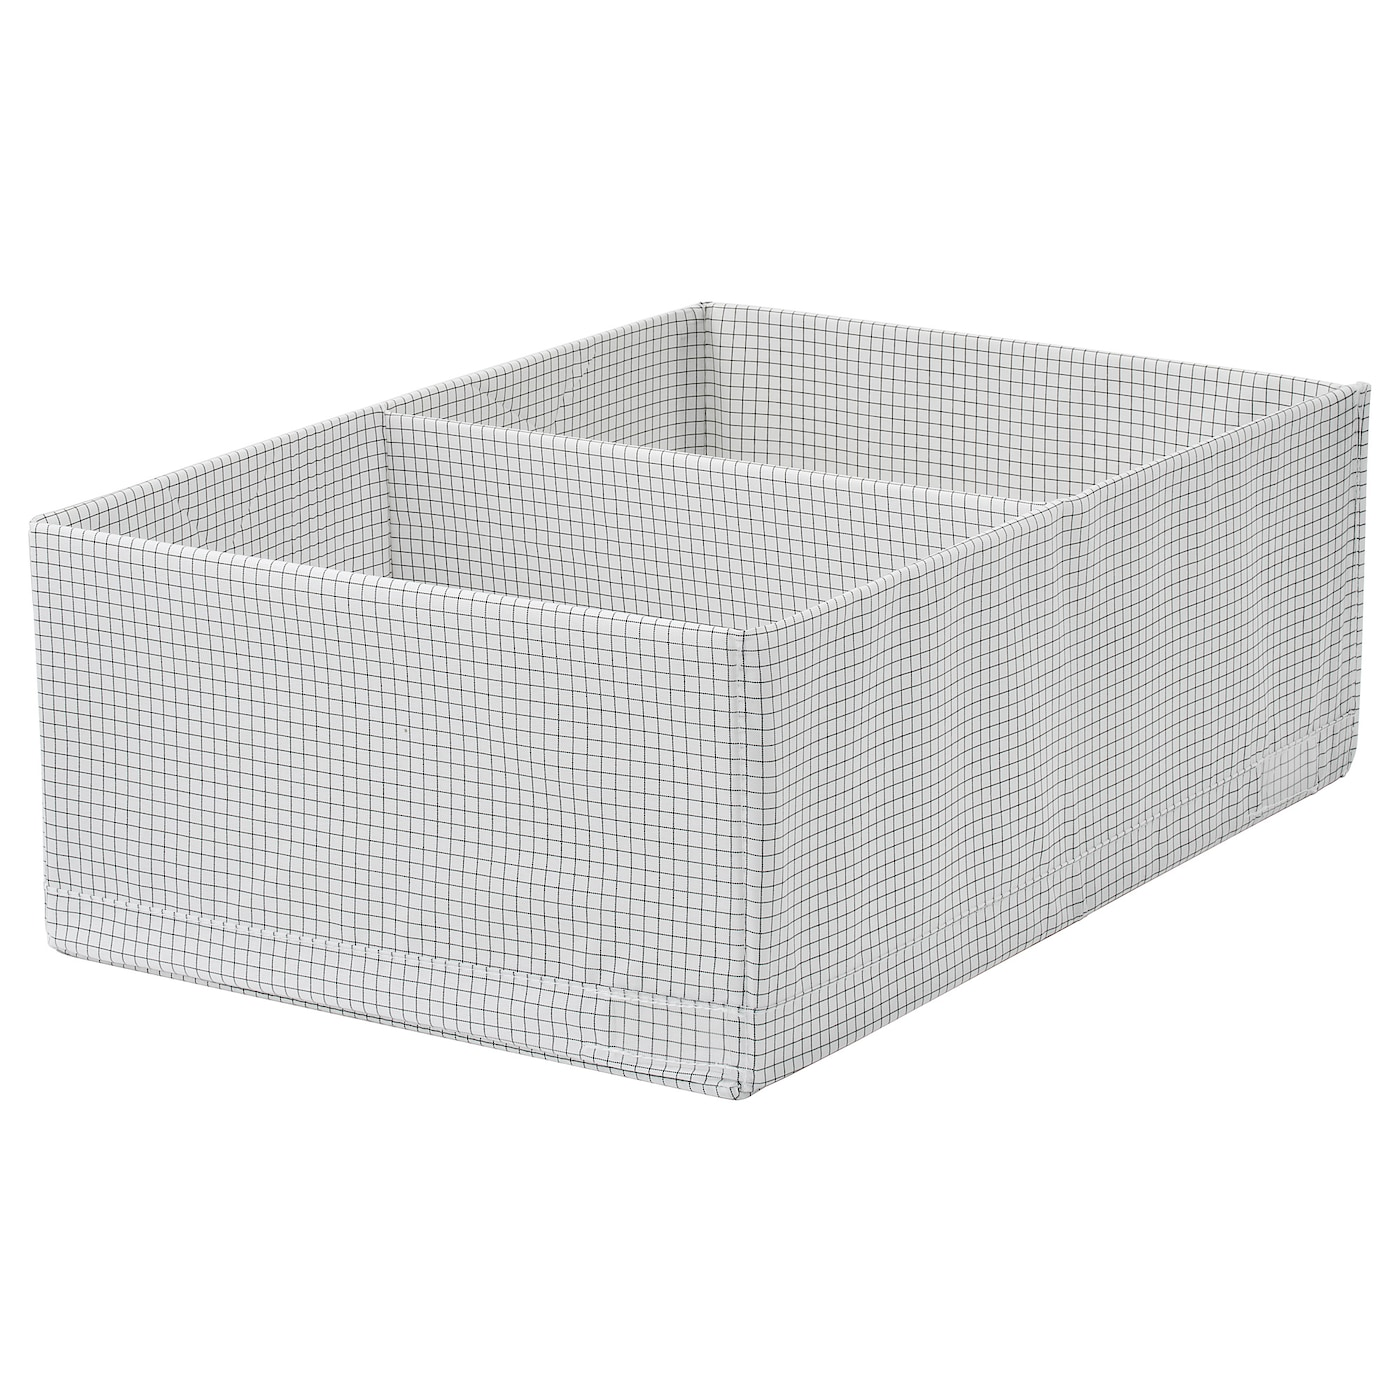 IKEA STUK Kasten mit Fächern - 51 x 34 x 18 cm